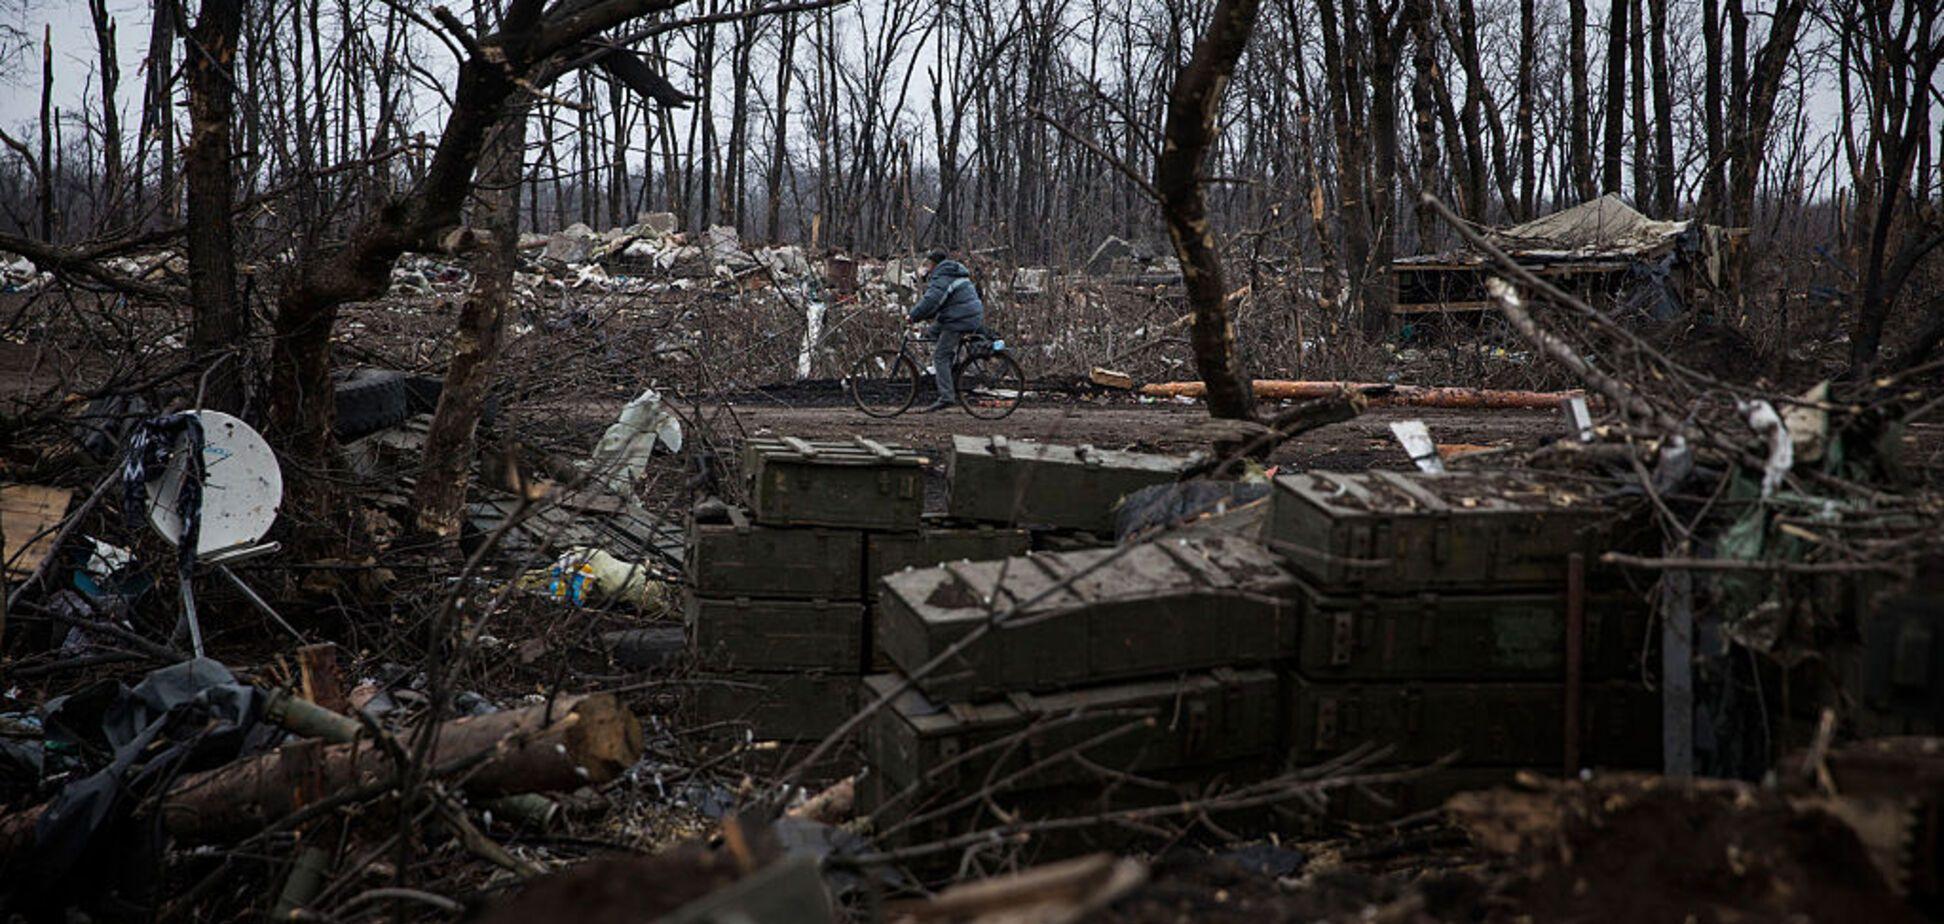 'Застосували весь арсенал': терористи атакували бійців АТО поблизу Авдіївки